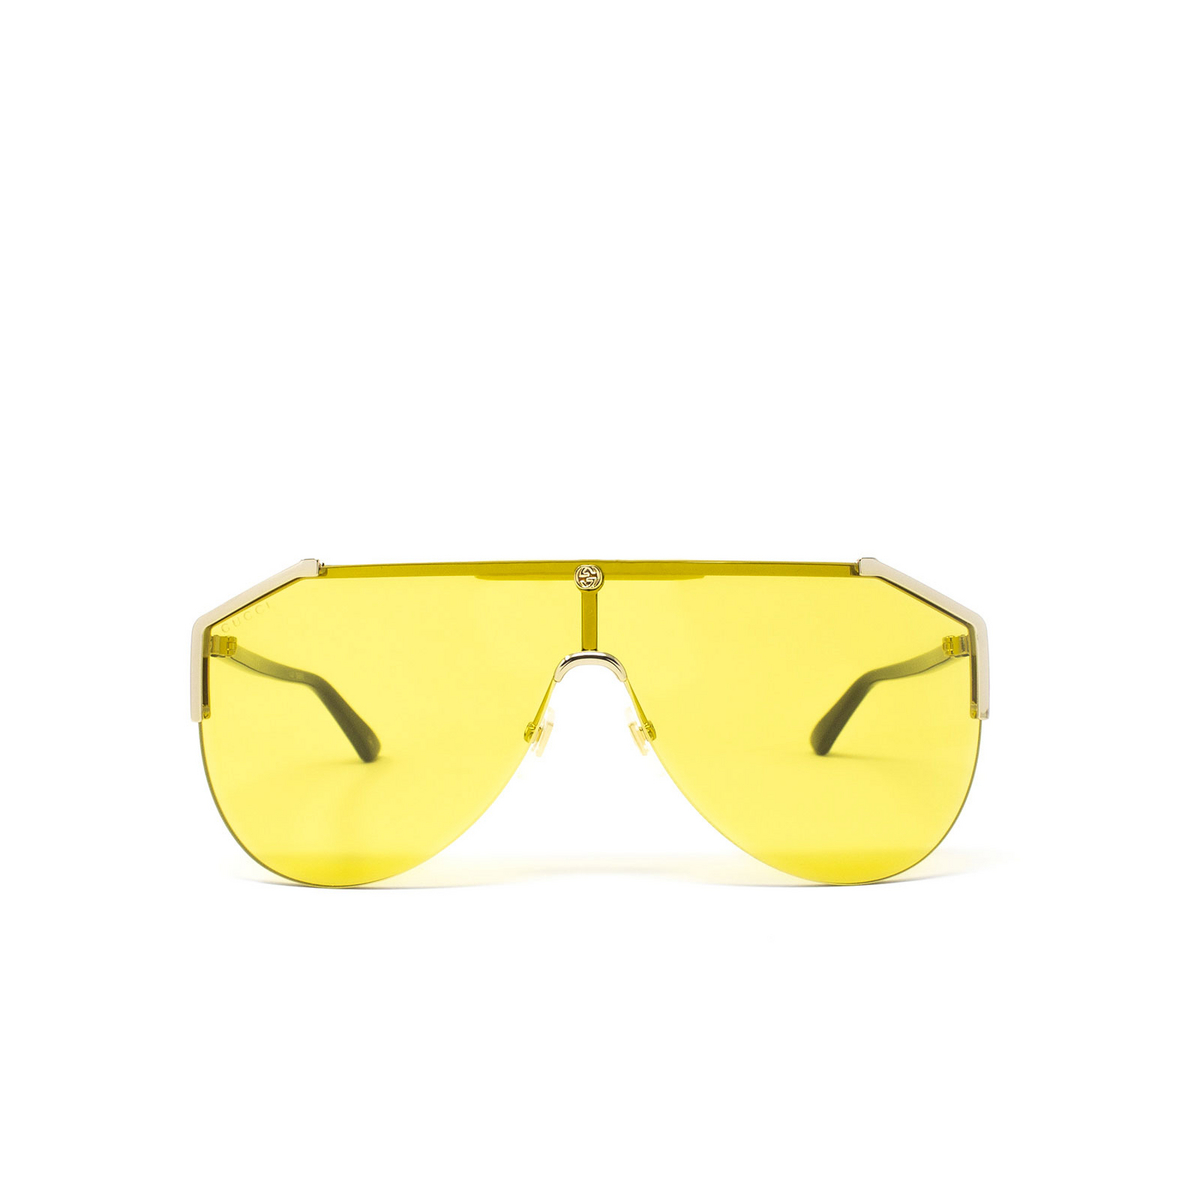 Gucci® Mask Sunglasses: GG0584S color Gold 004 - 1/3.